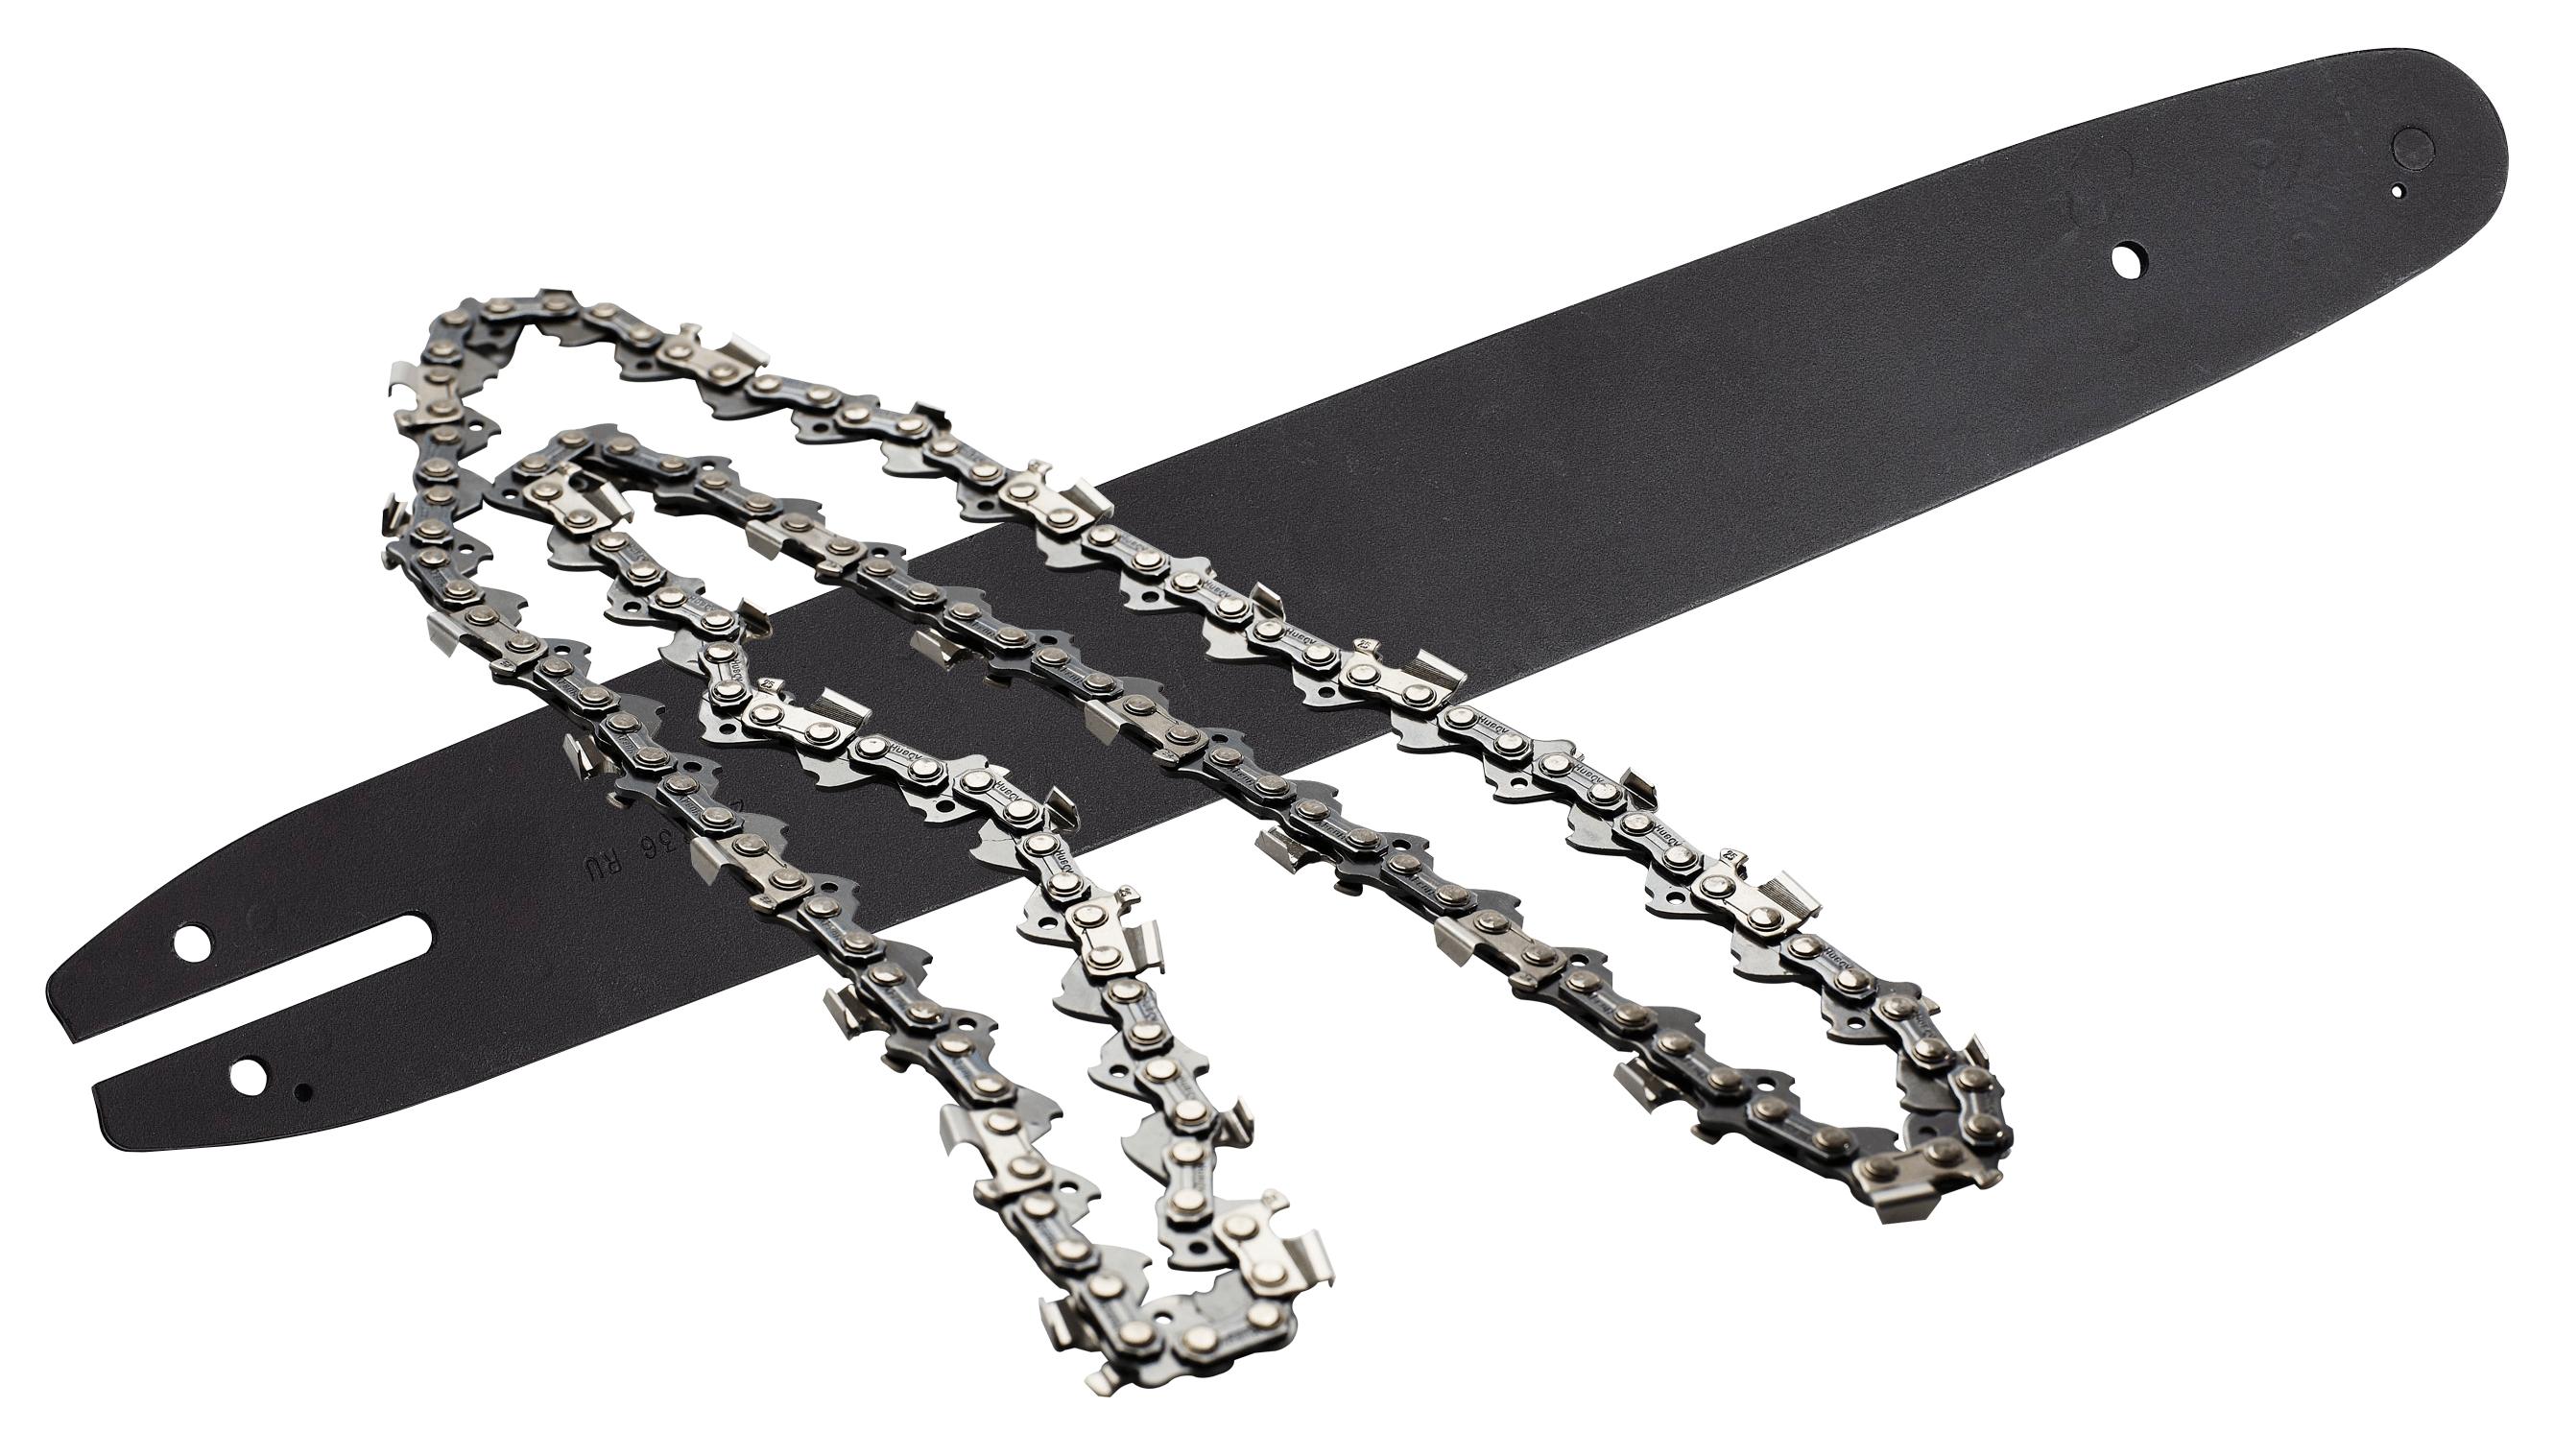 Bar & Chain